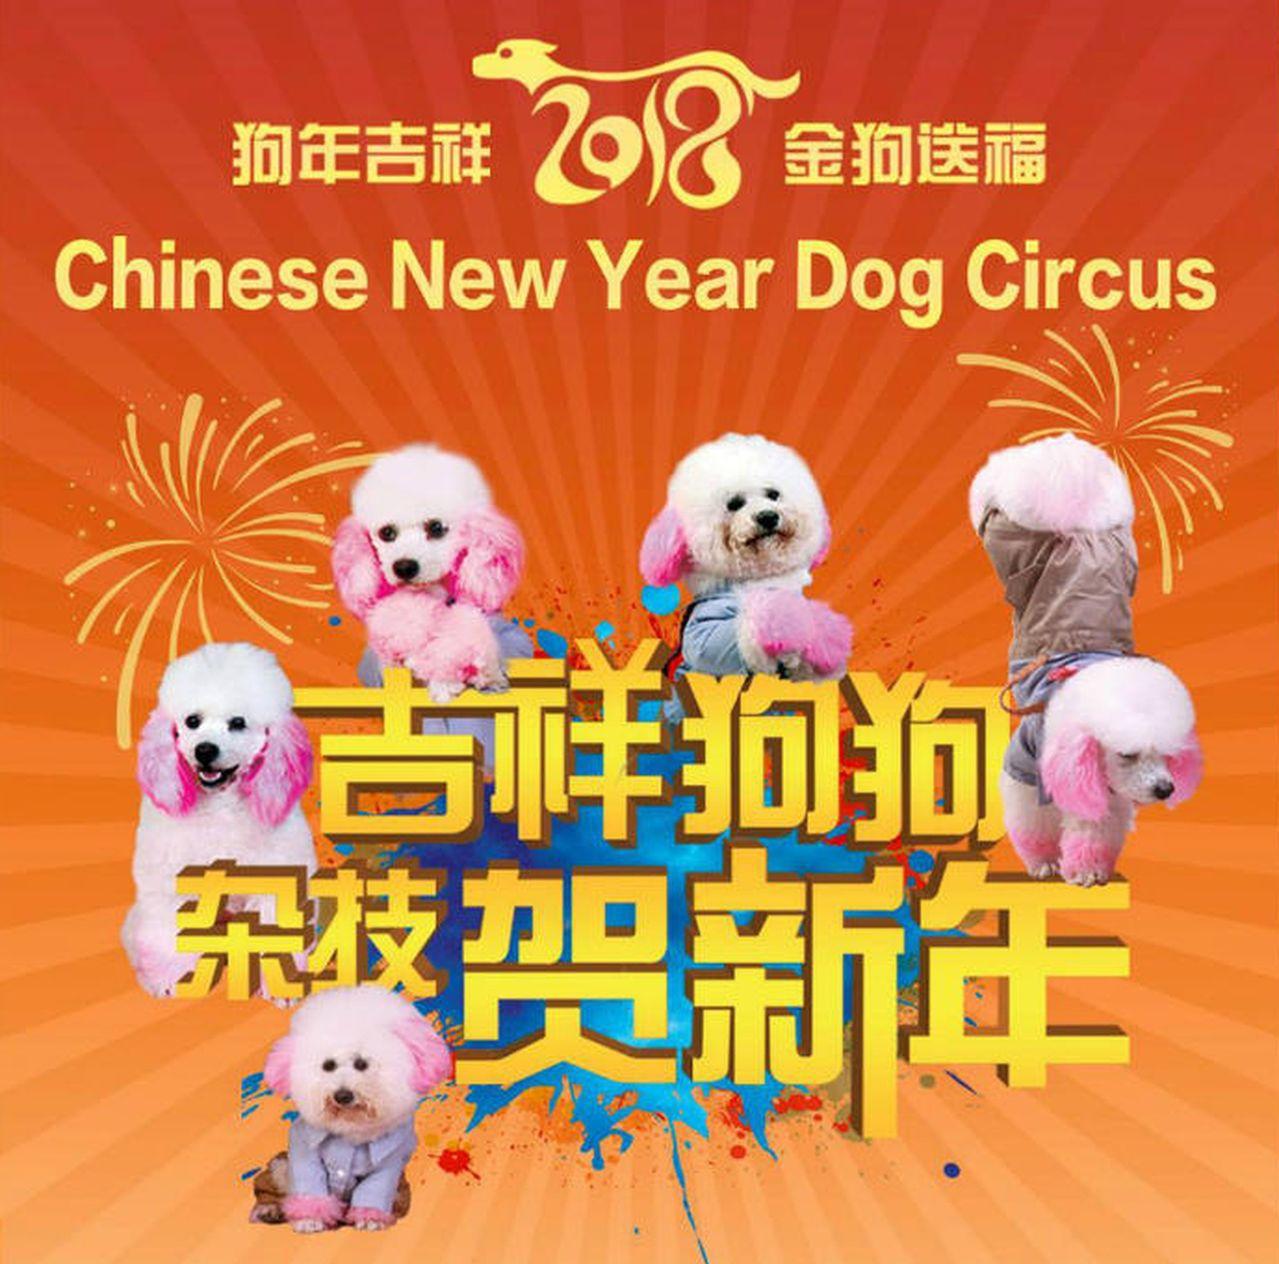 新加坡民眾網上請願,中國「狗戲團」表演被砍